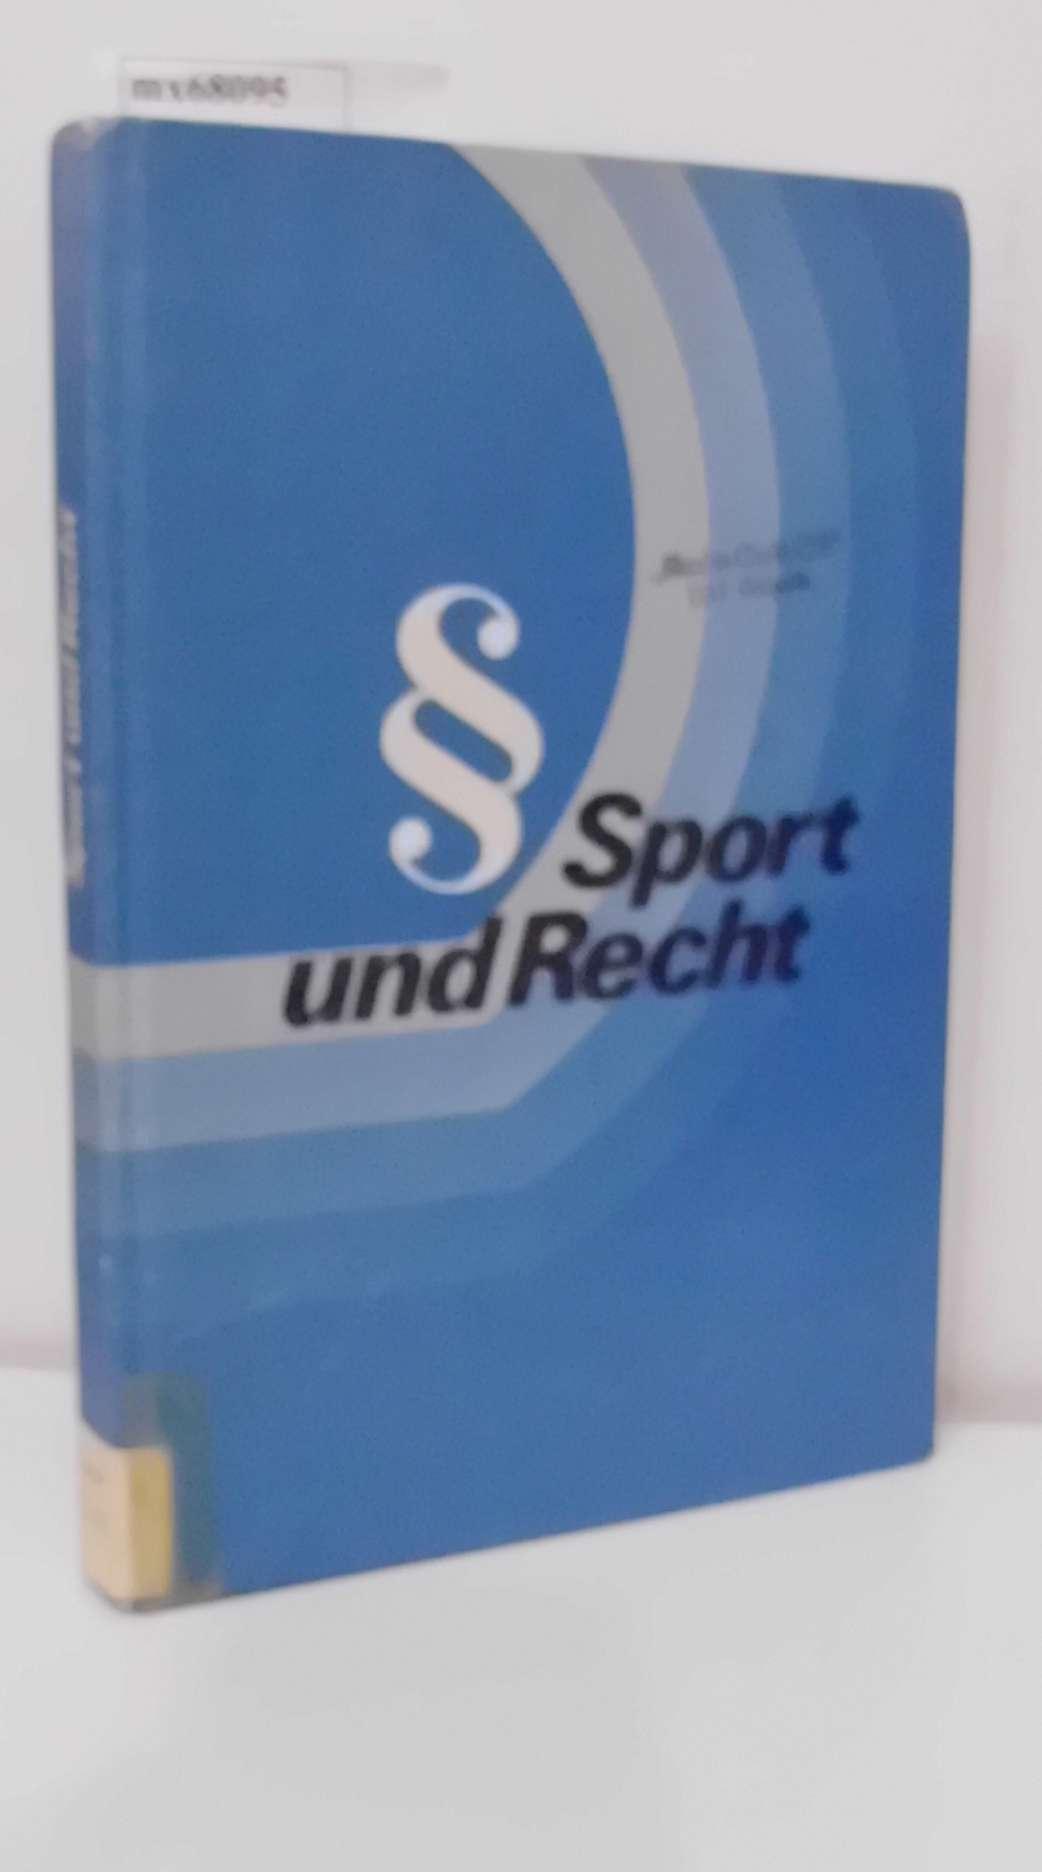 Sport und Recht Handbuch für d. Sportpädagogen / [Autorenkollektiv: Siegfried Harmel   Norbert Heise   Siegfried Melchert]. Autorenkollektiv unter Leitung von Siegfried Melchert